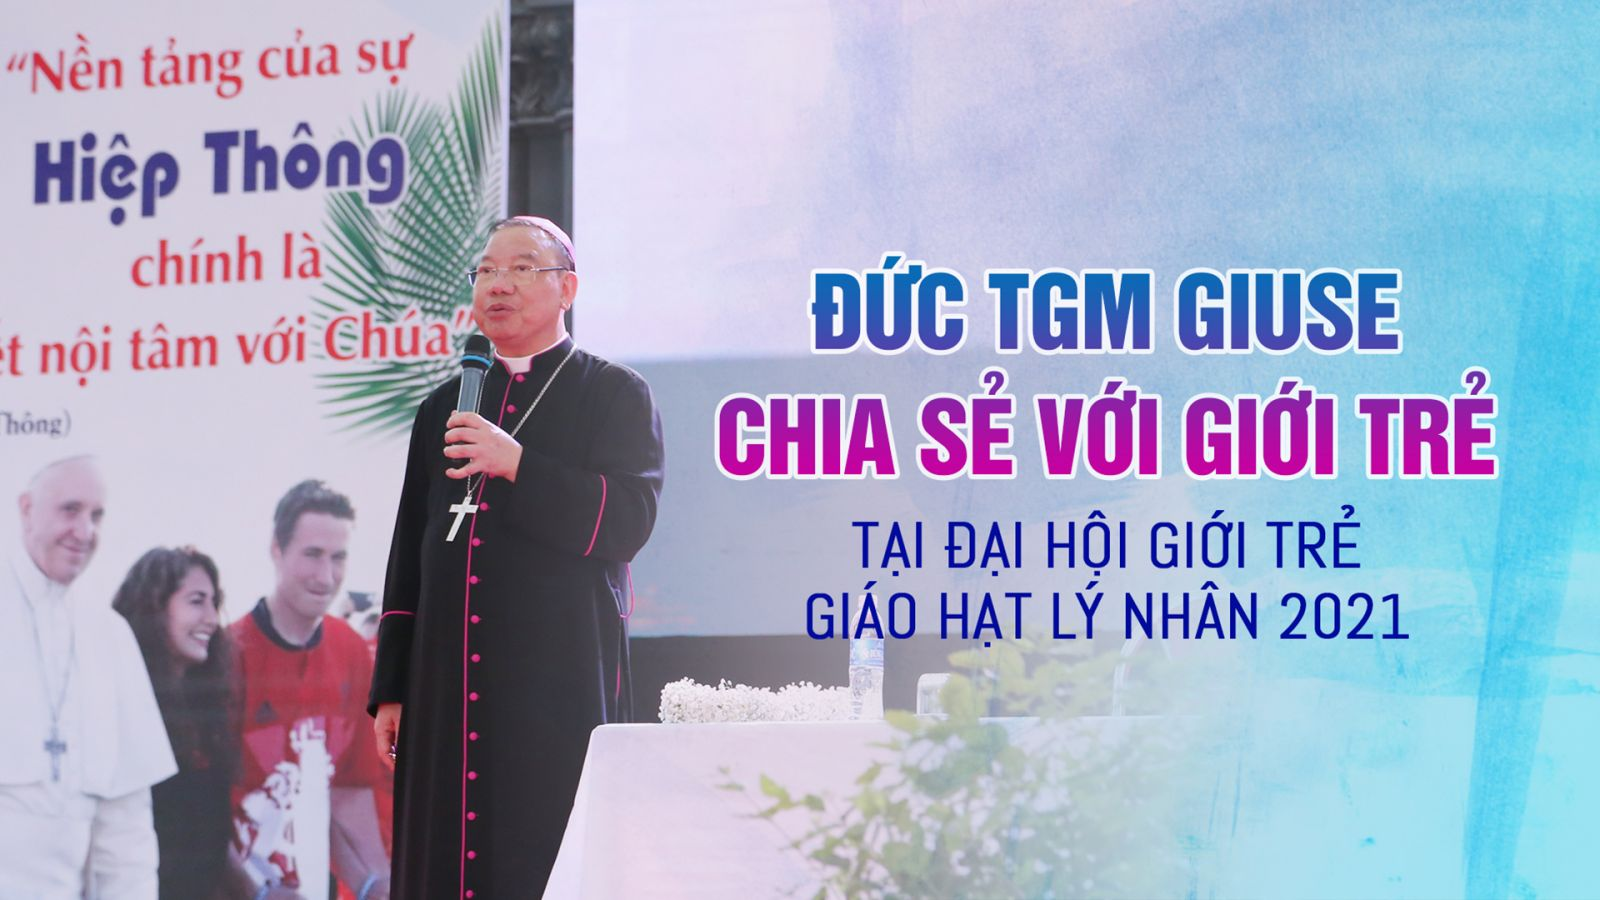 Đức Tổng Giuse Vũ Văn Thiên chia sẻ với Giới trẻ tại ĐHGT Giáo hạt Lý Nhân lần thứ II năm 2021